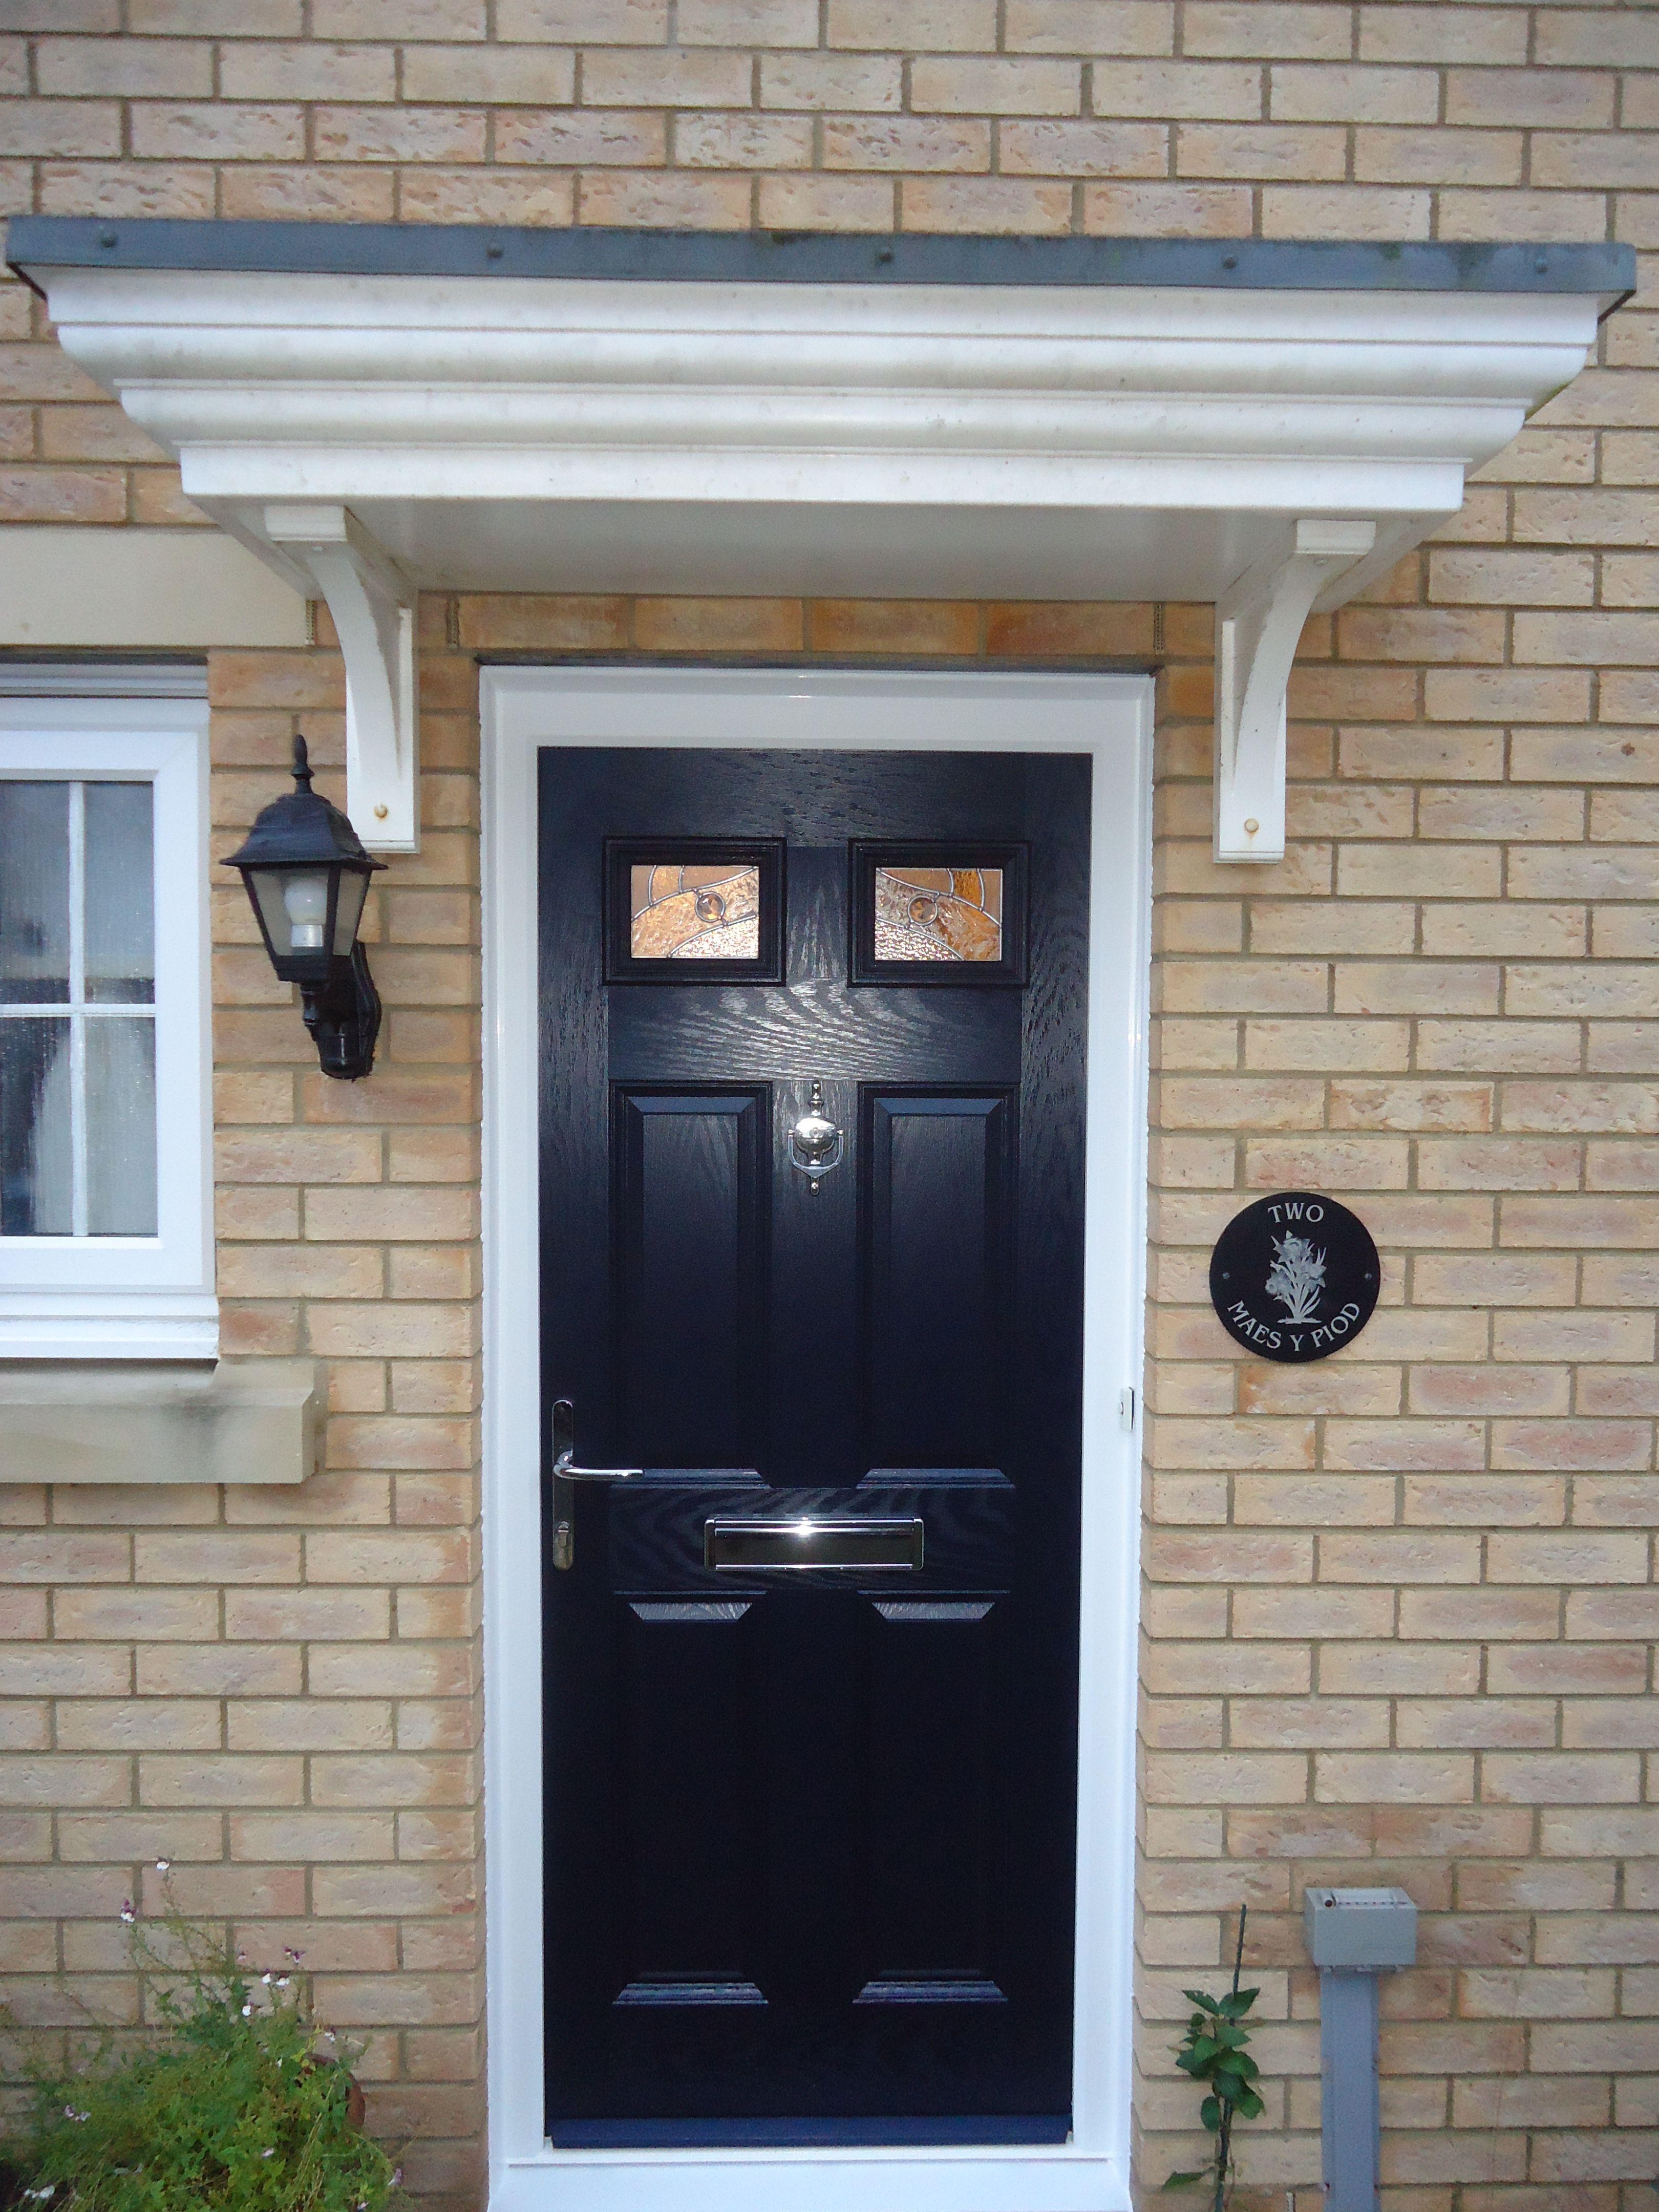 Navy blue composite front door installed by COVE Windows. #compositedoor & Navy blue composite front door installed by COVE Windows ...